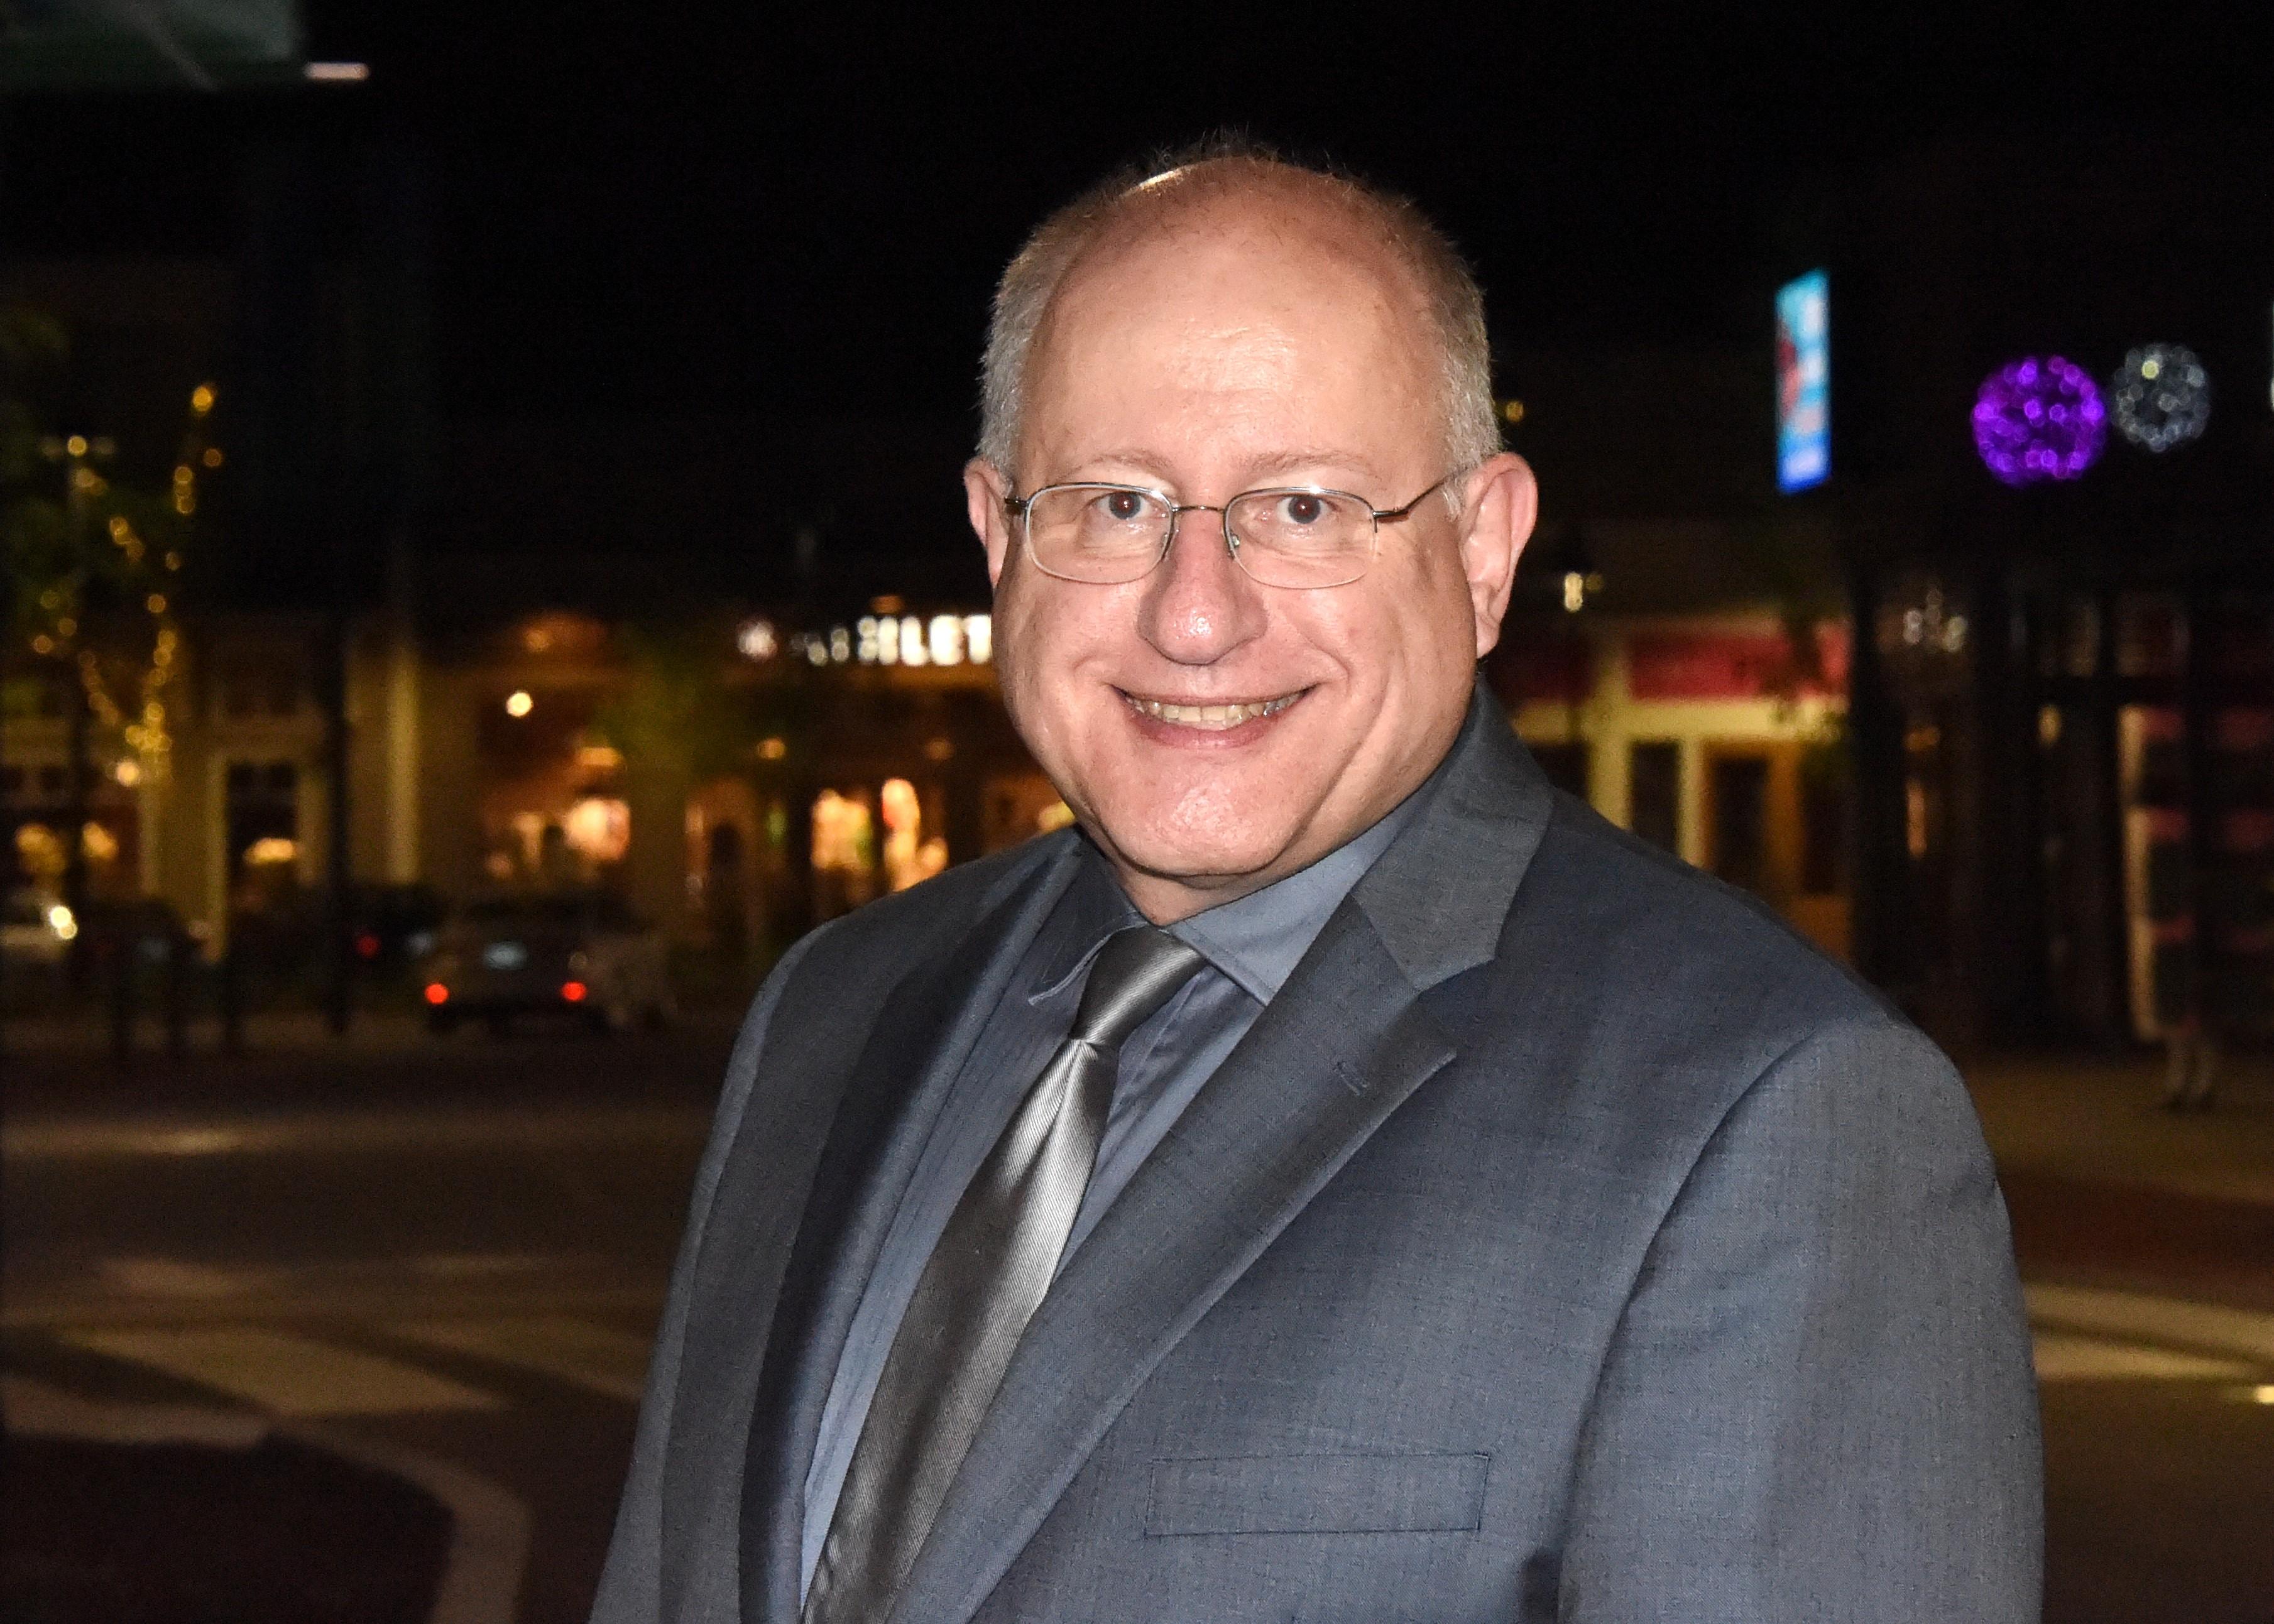 Sean E. Mahar